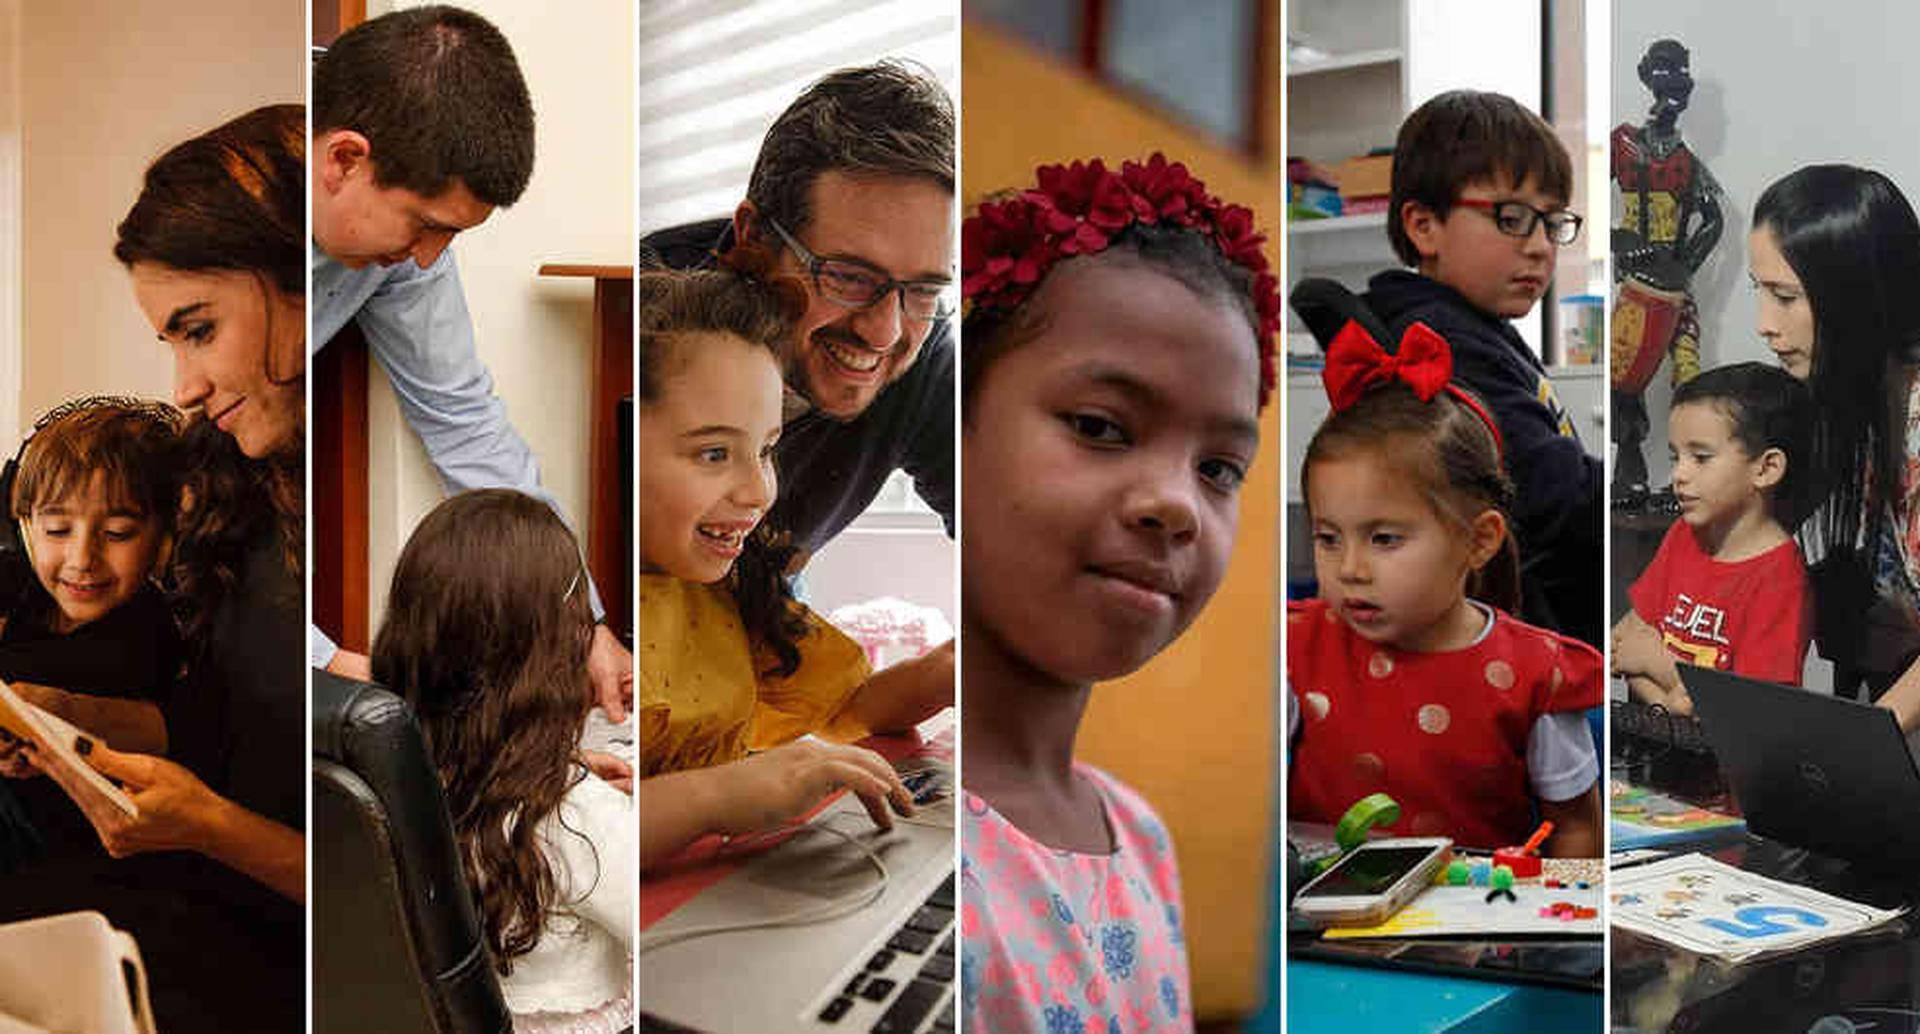 El tema de la educación en casa se ha convertido en una angustia para millones de familias. El debate fue objeto de un informe especial en la revista Semana